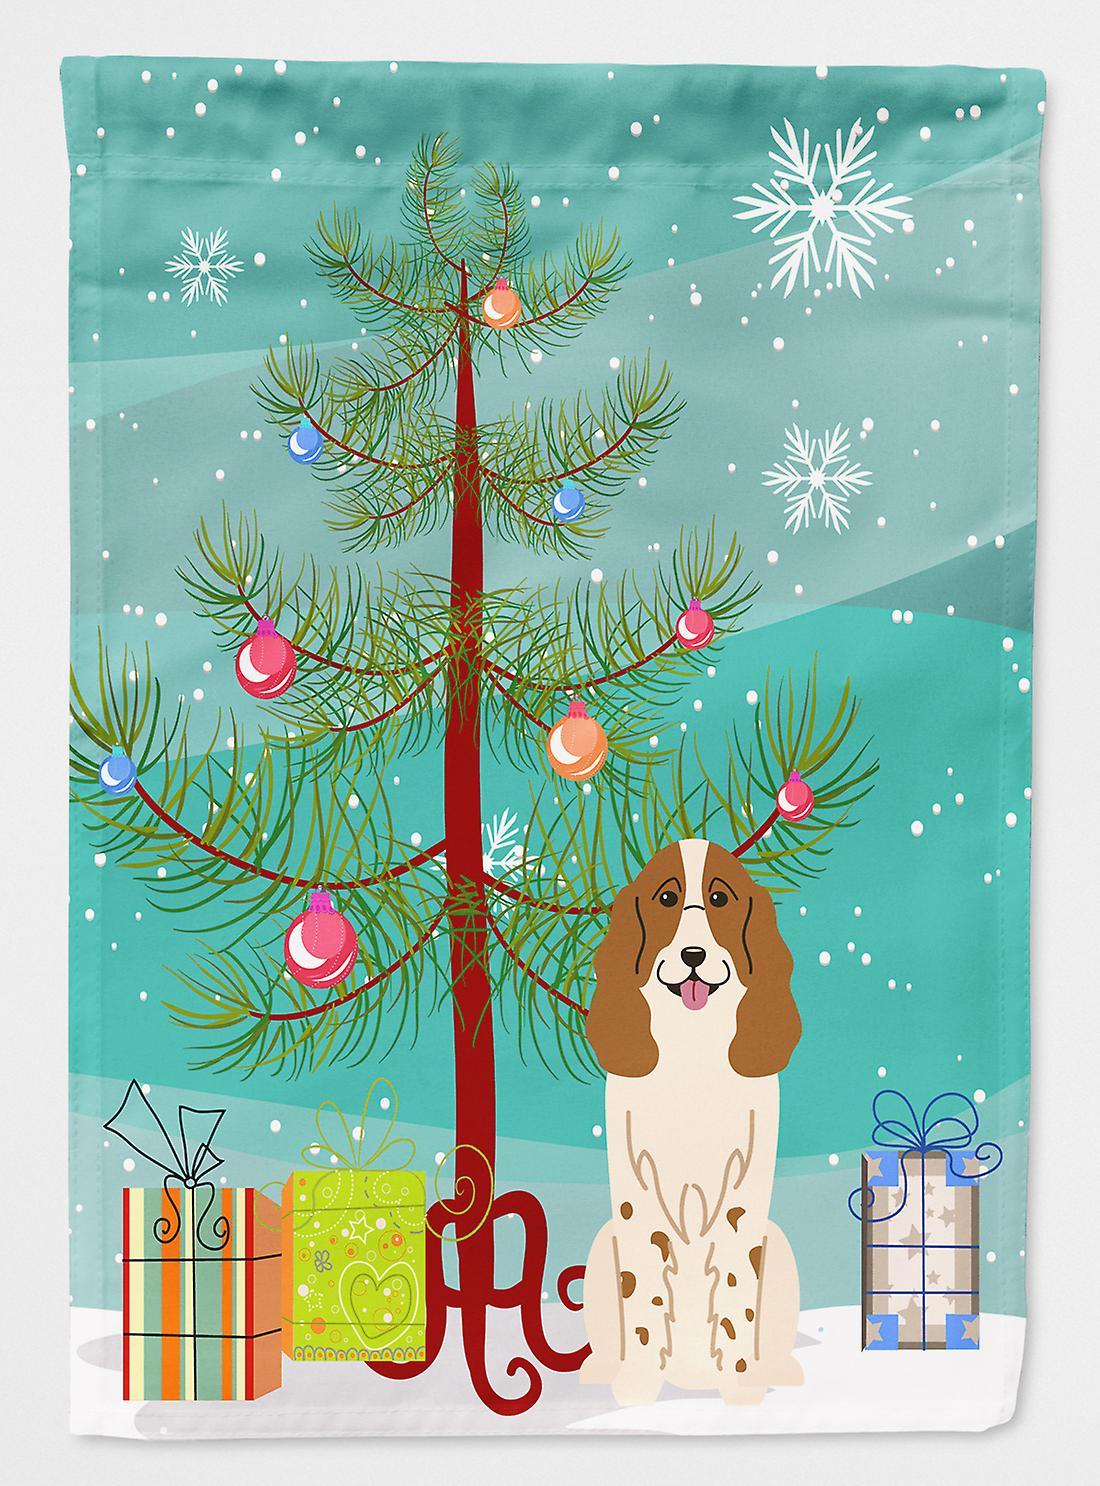 Was Heißt Frohe Weihnachten Auf Russisch.Frohe Weihnachten Russischer Spaniel Flagge Baumgarten Größe